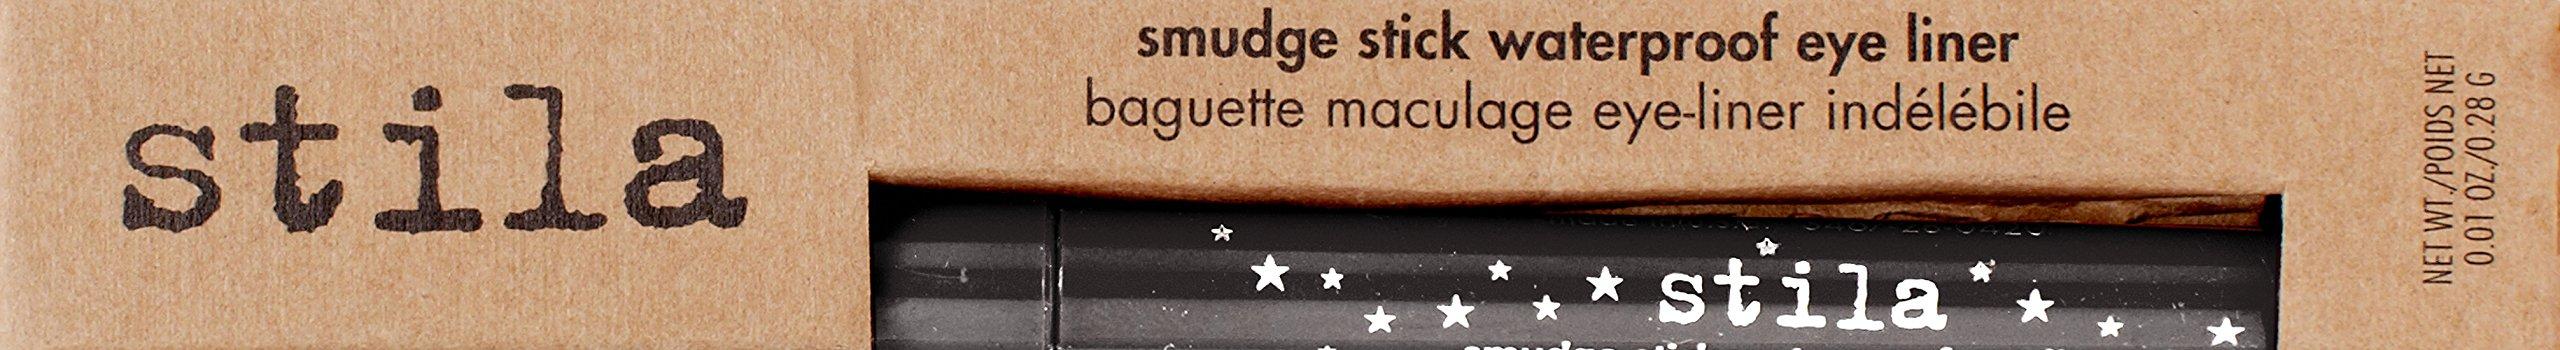 stila Smudge Stick Waterproof Eye Liner, Stingray (Jet Black) by stila (Image #4)